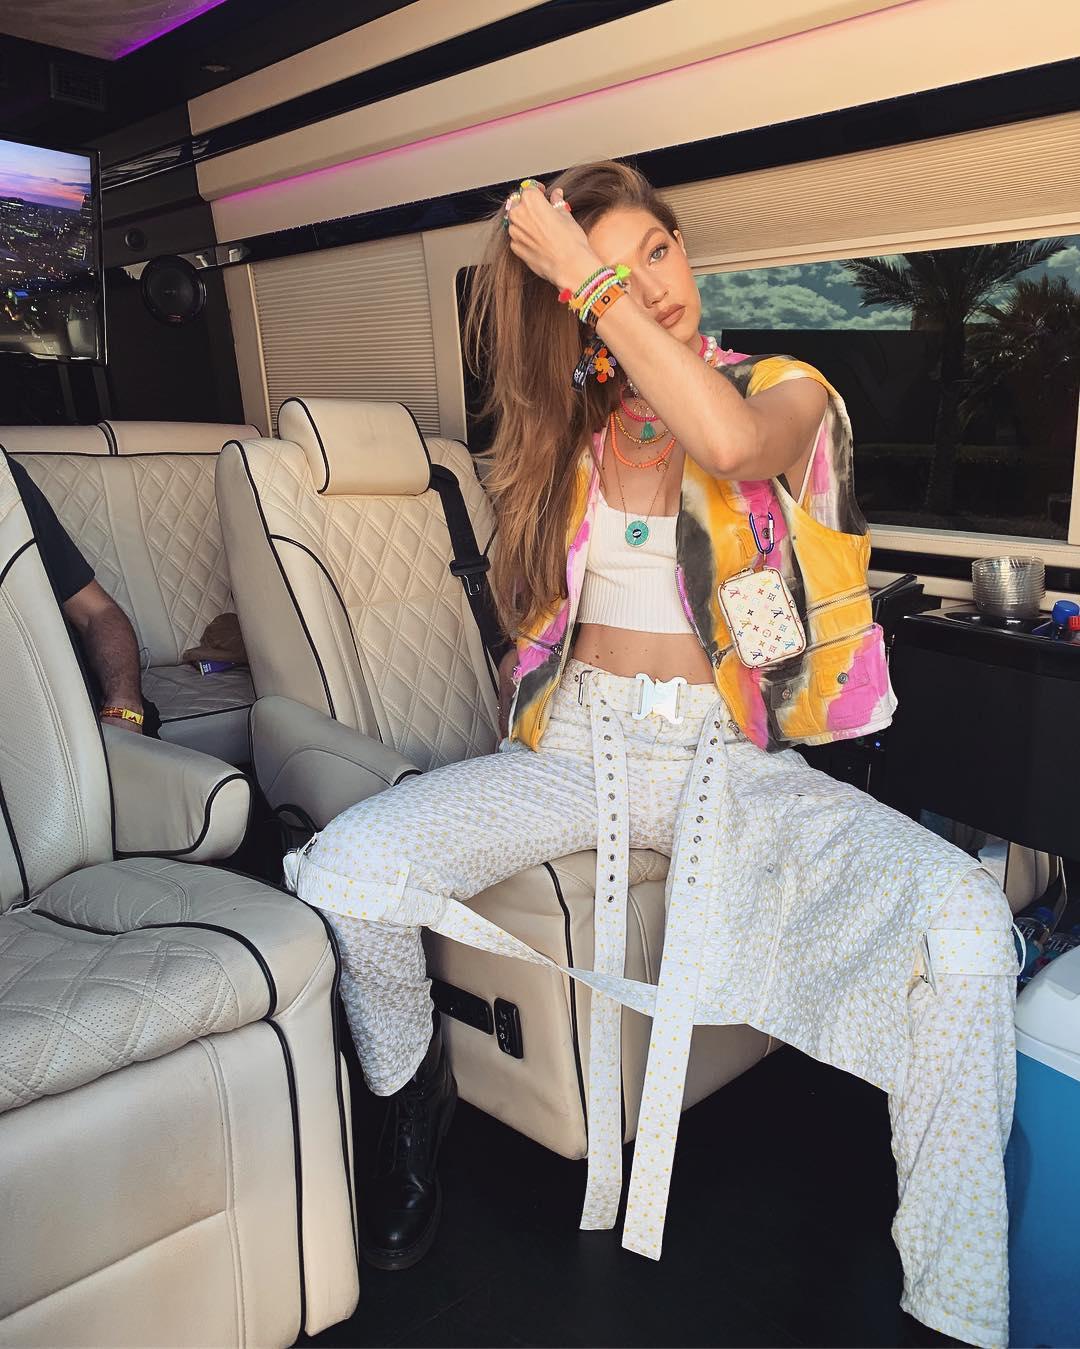 Gigi Hadid is 70s psychedelic for Coachella